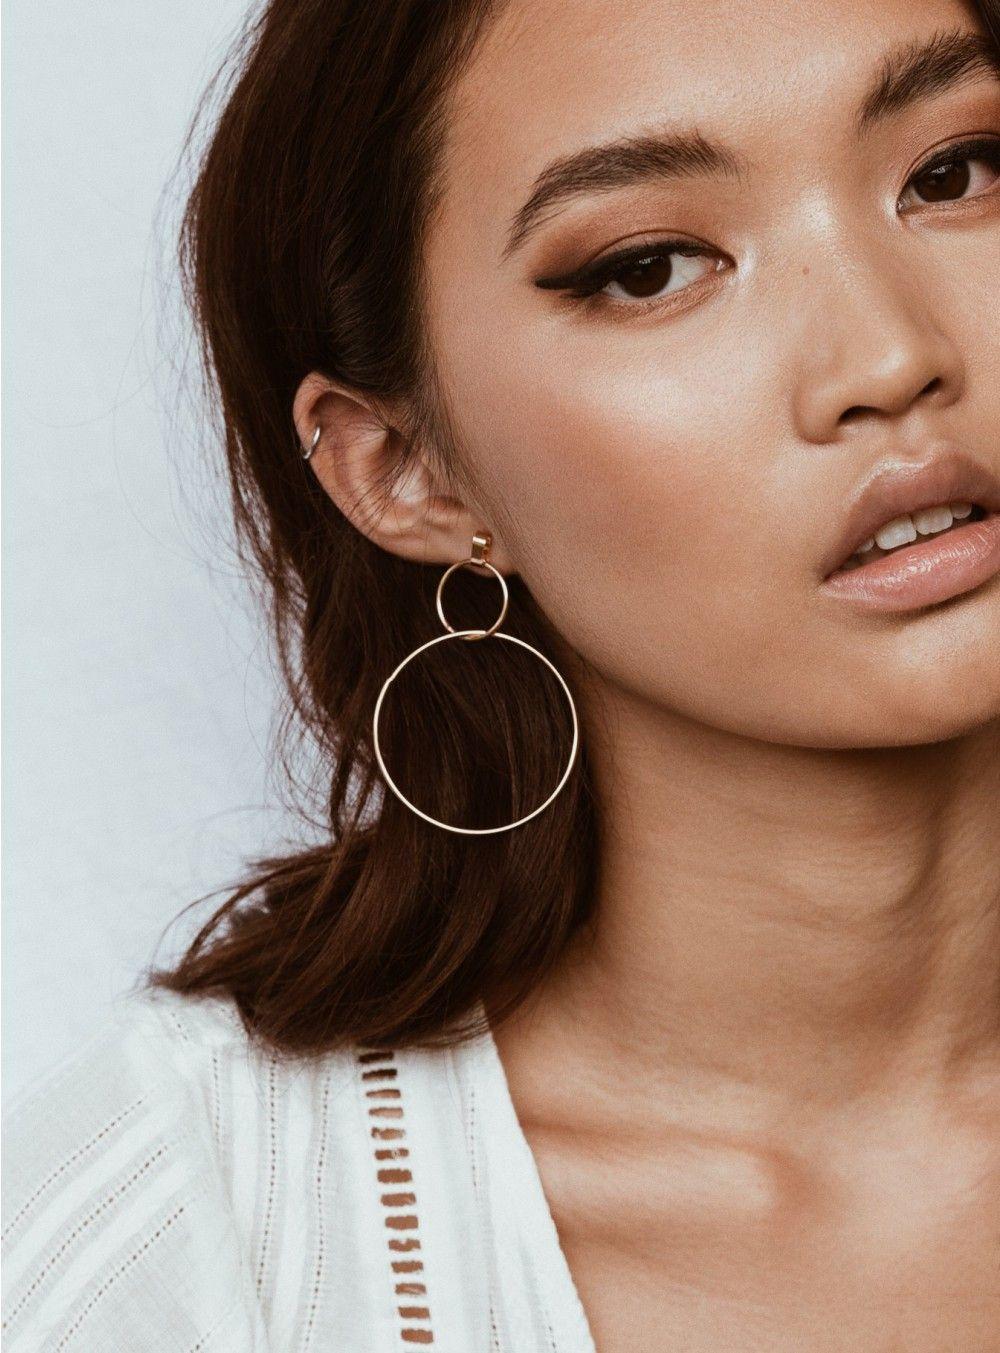 Gold Double Circle Earrings Womens jewelry earrings